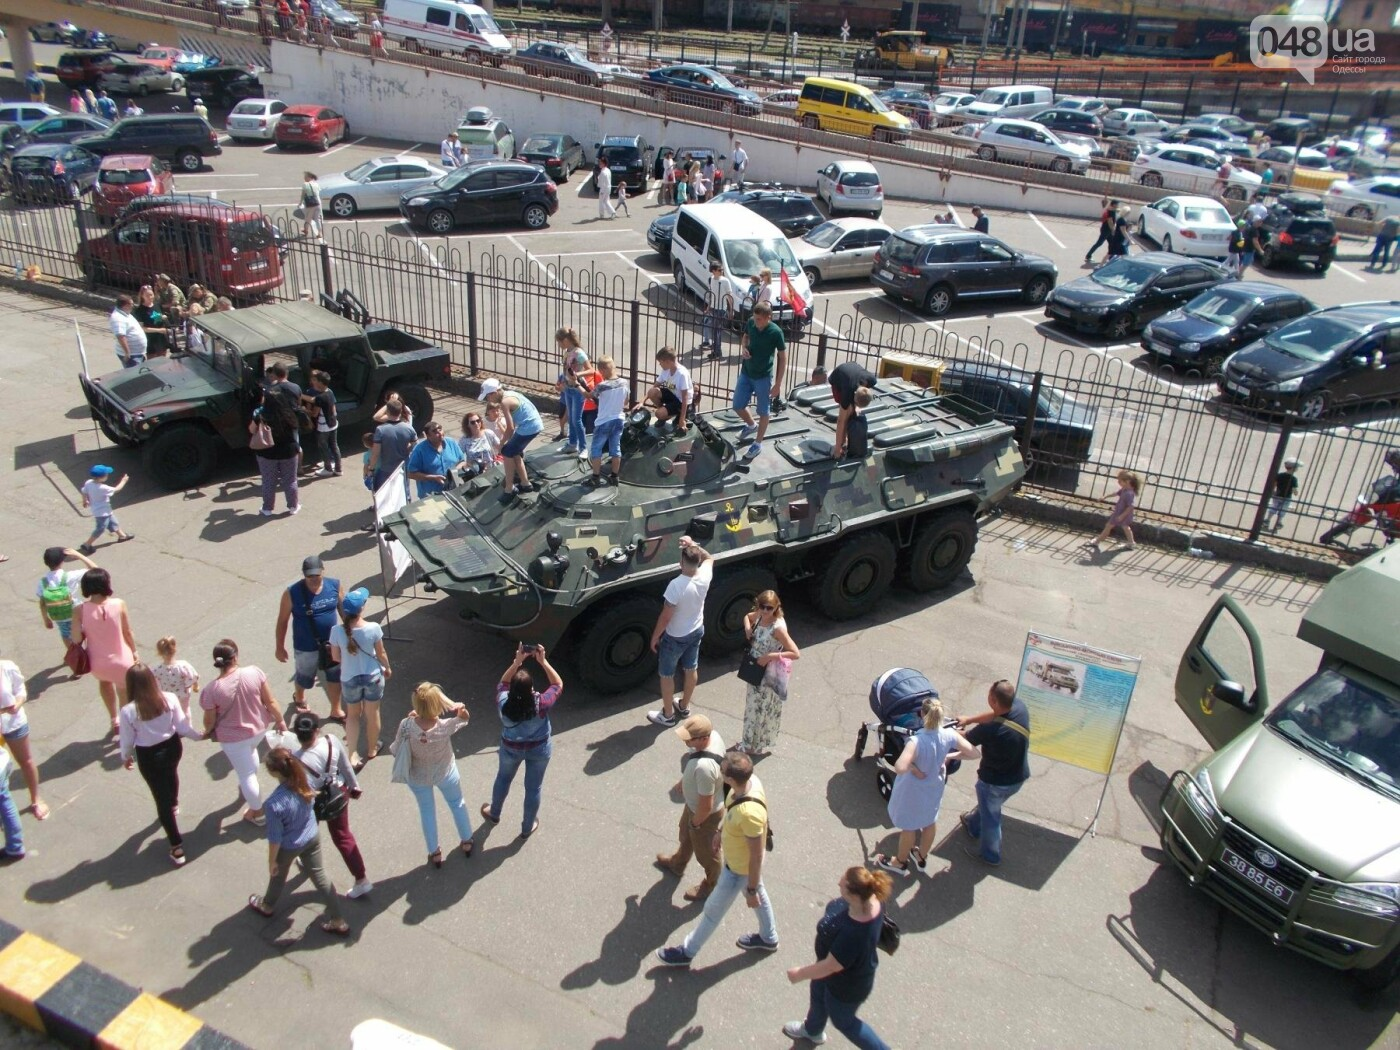 День Военно-морских сил Украины отпраздновали на Одесском морвокзале, - ФОТО , фото-40